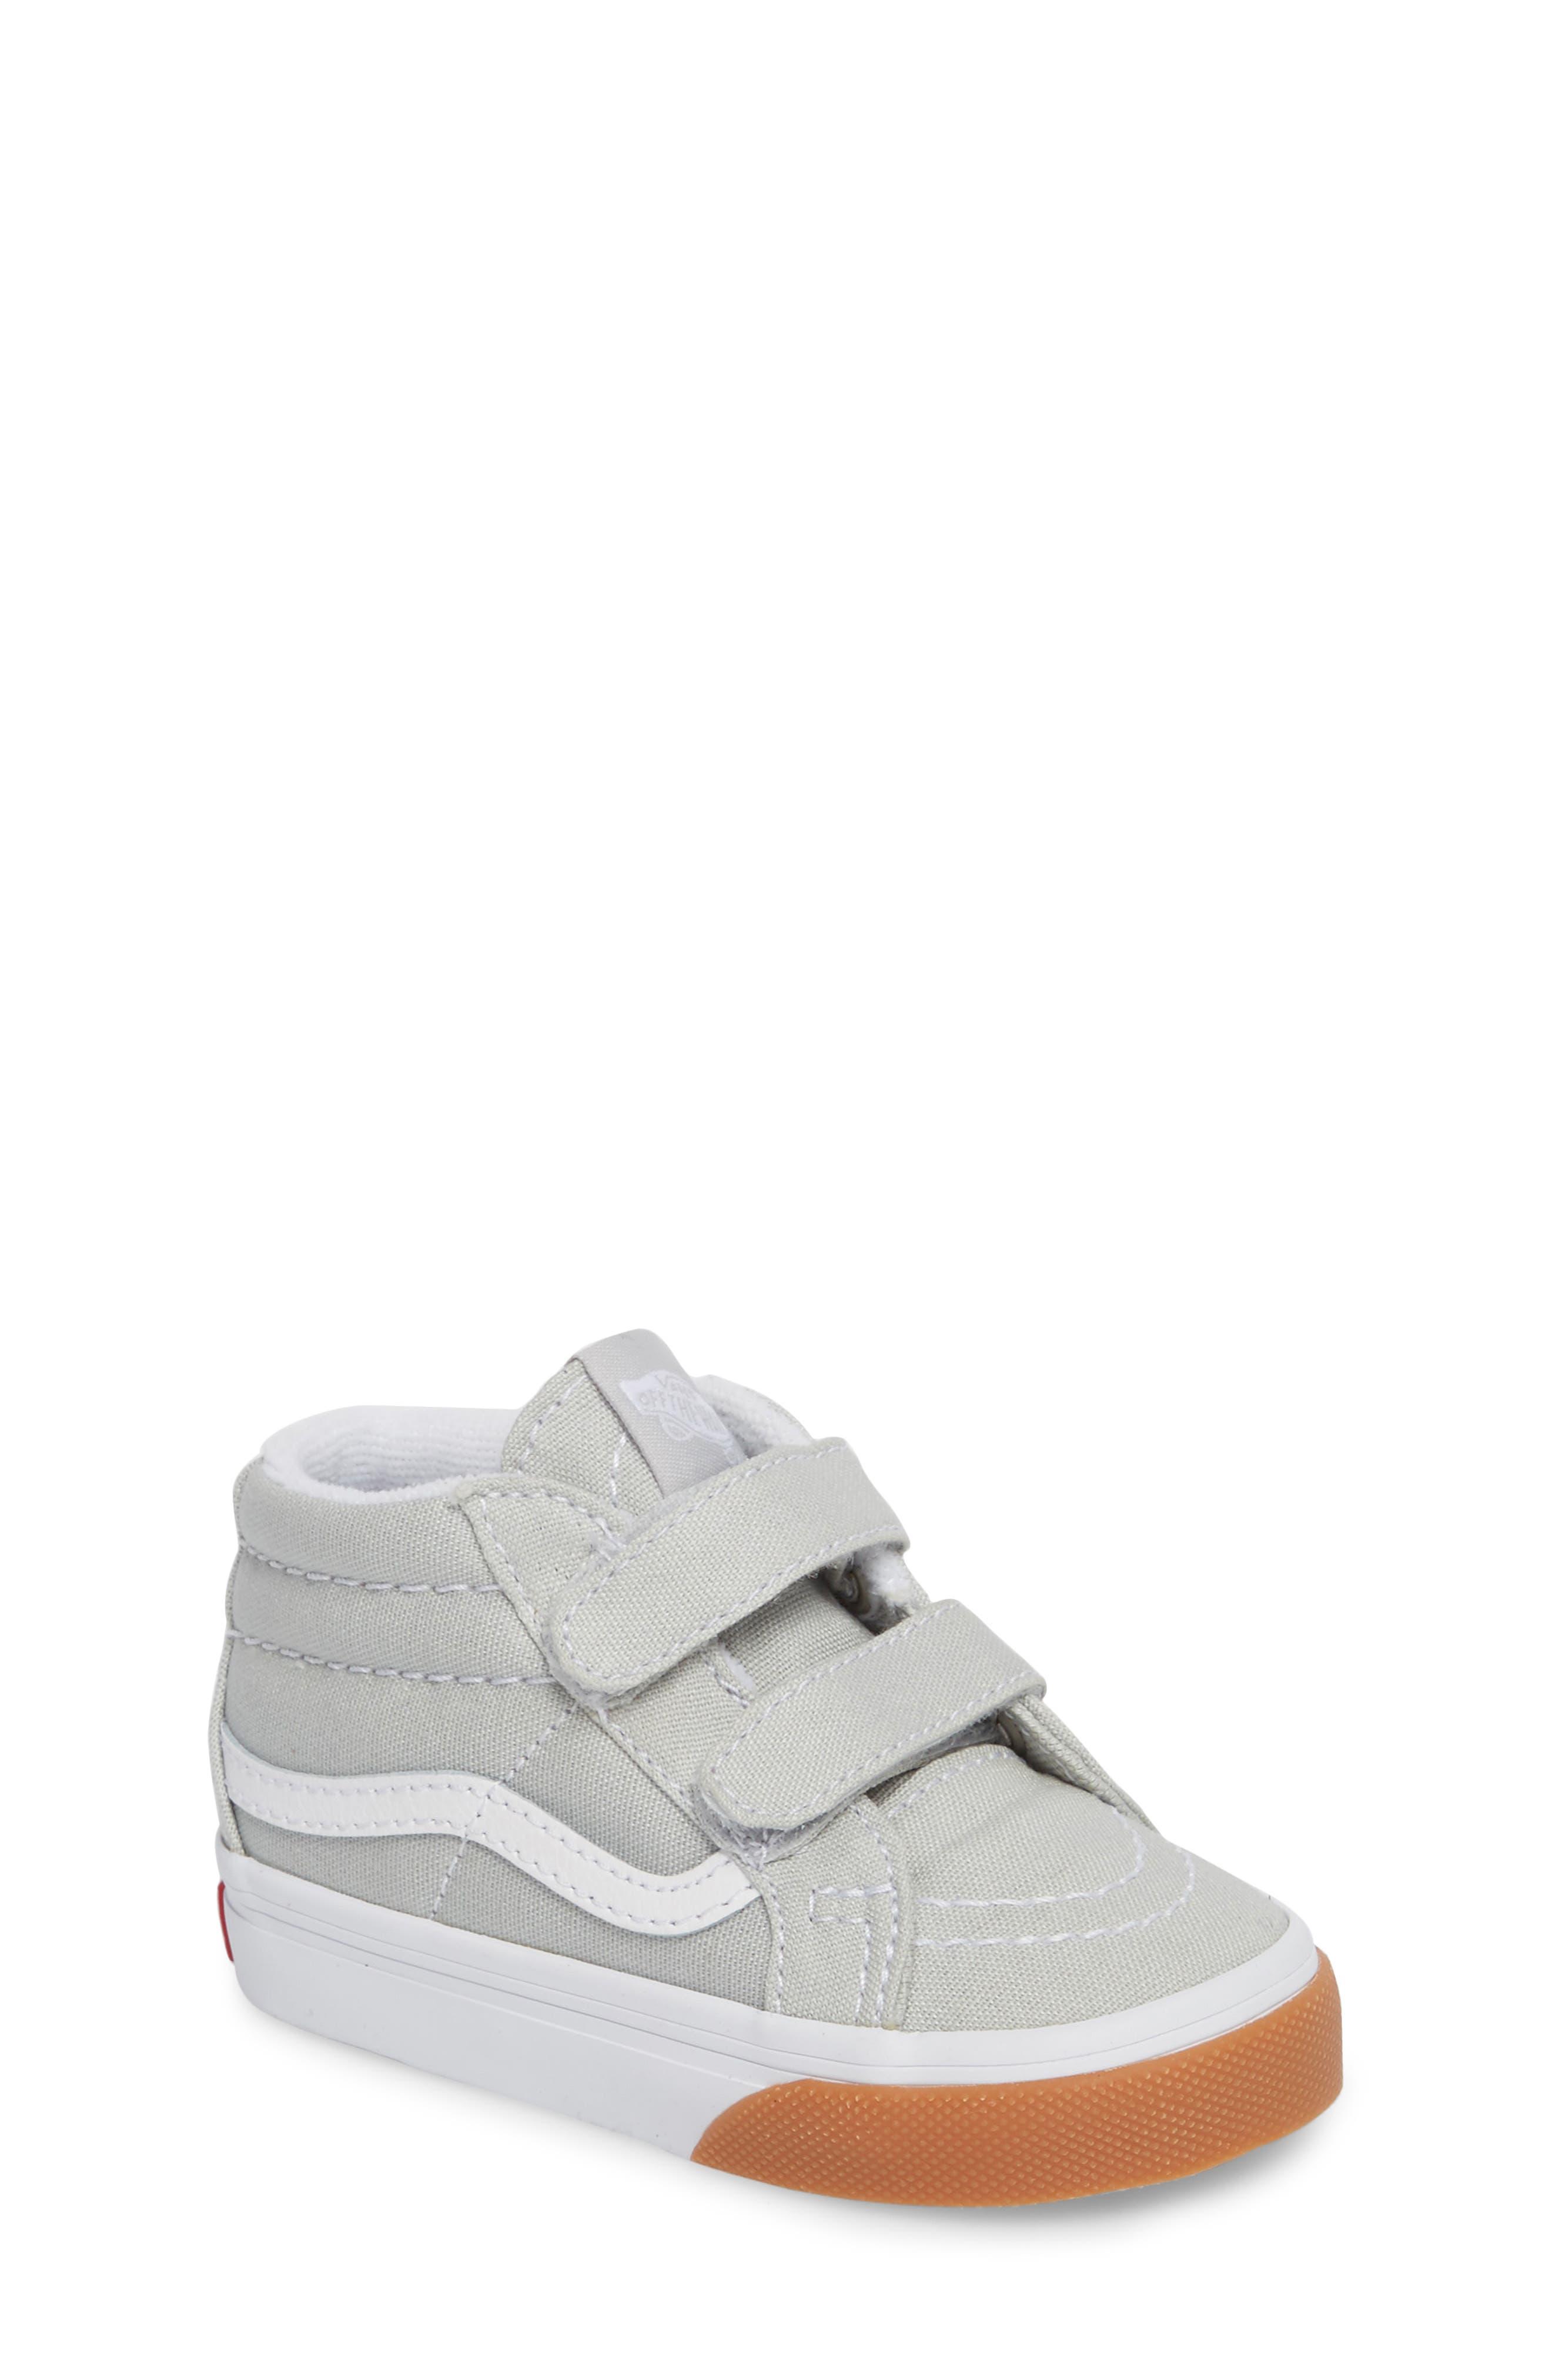 SK8-Mid Reissue V Sneaker,                         Main,                         color,